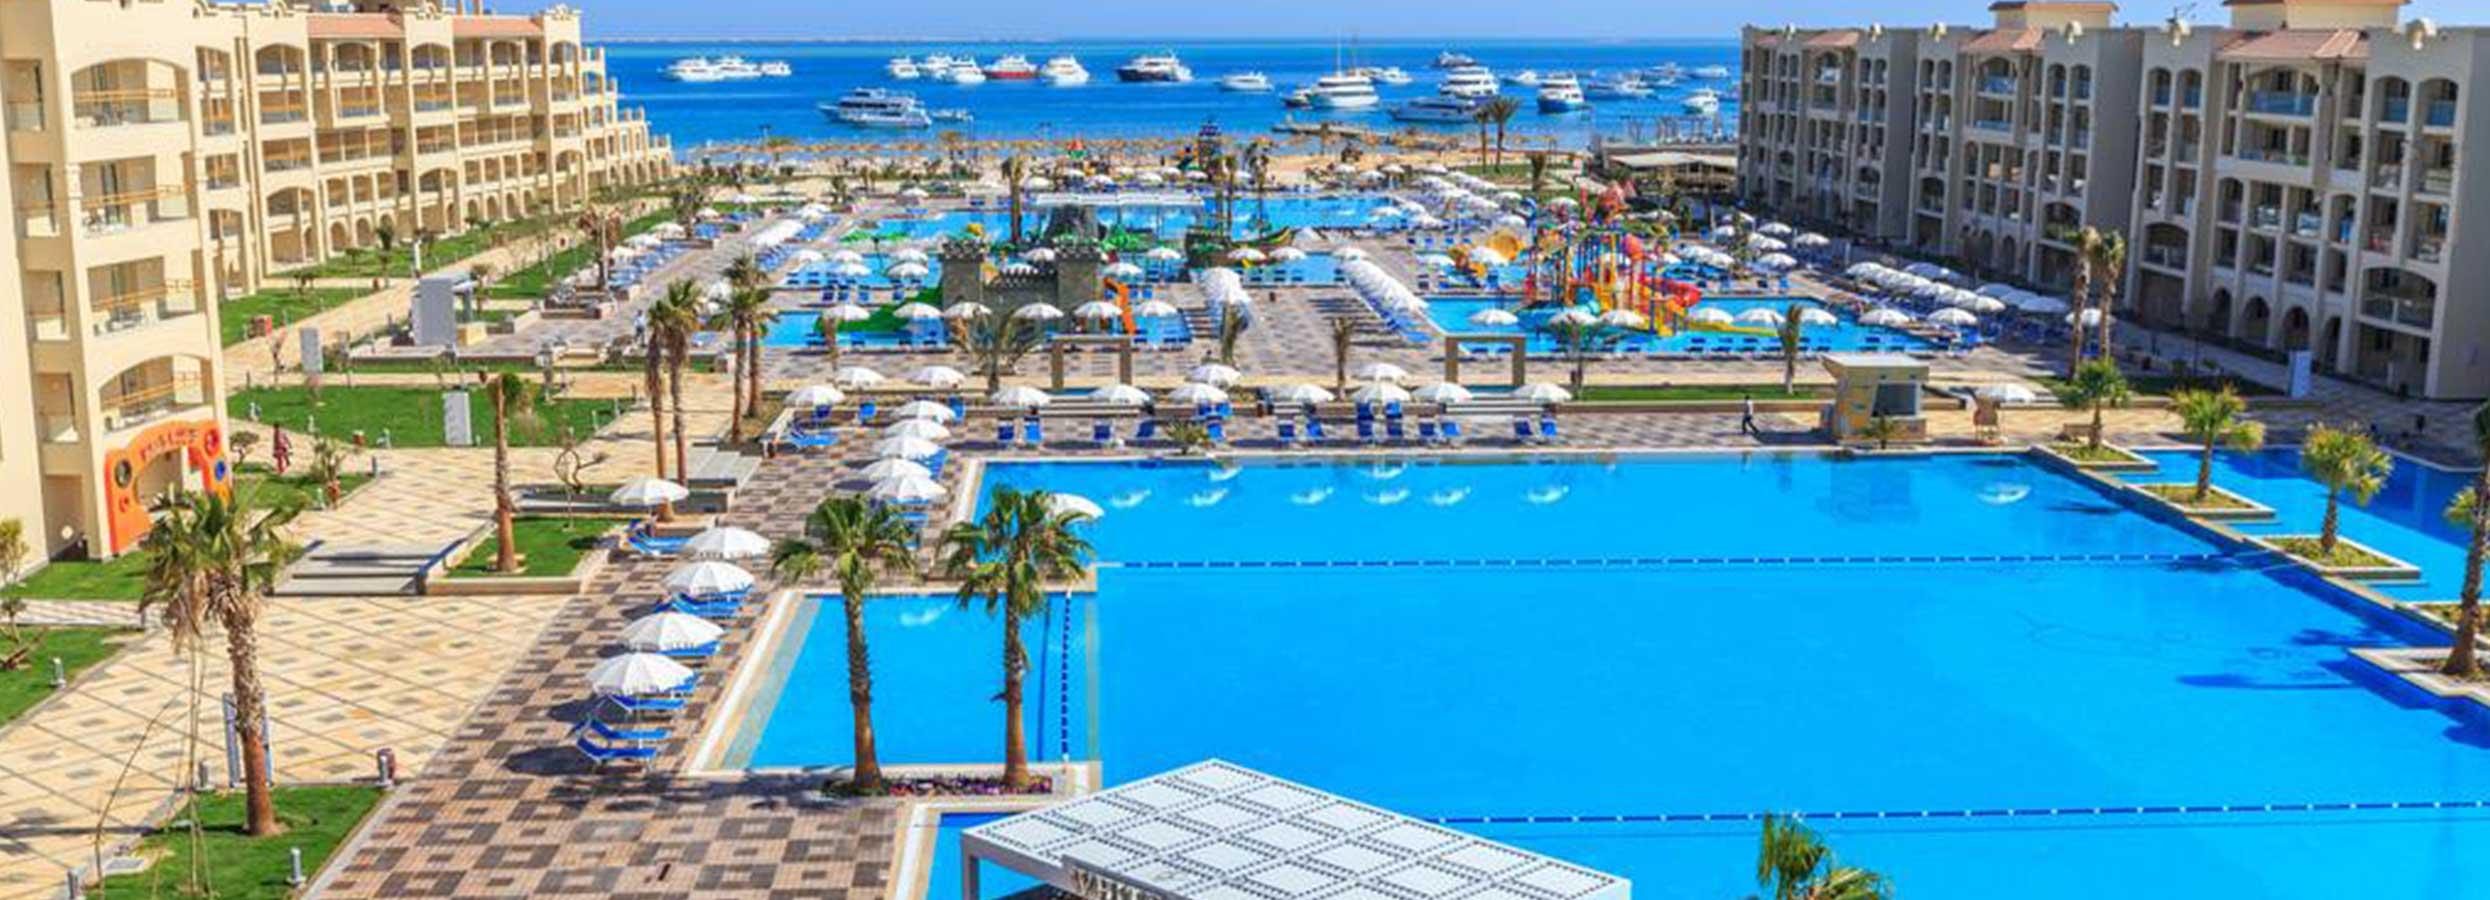 Atostogos su šeima ant jūros kranto EGIPTE, Hurgadoje! Savaitės poilsis 5* viešbutyje ALBATROS WHITE BEACH RESORT.